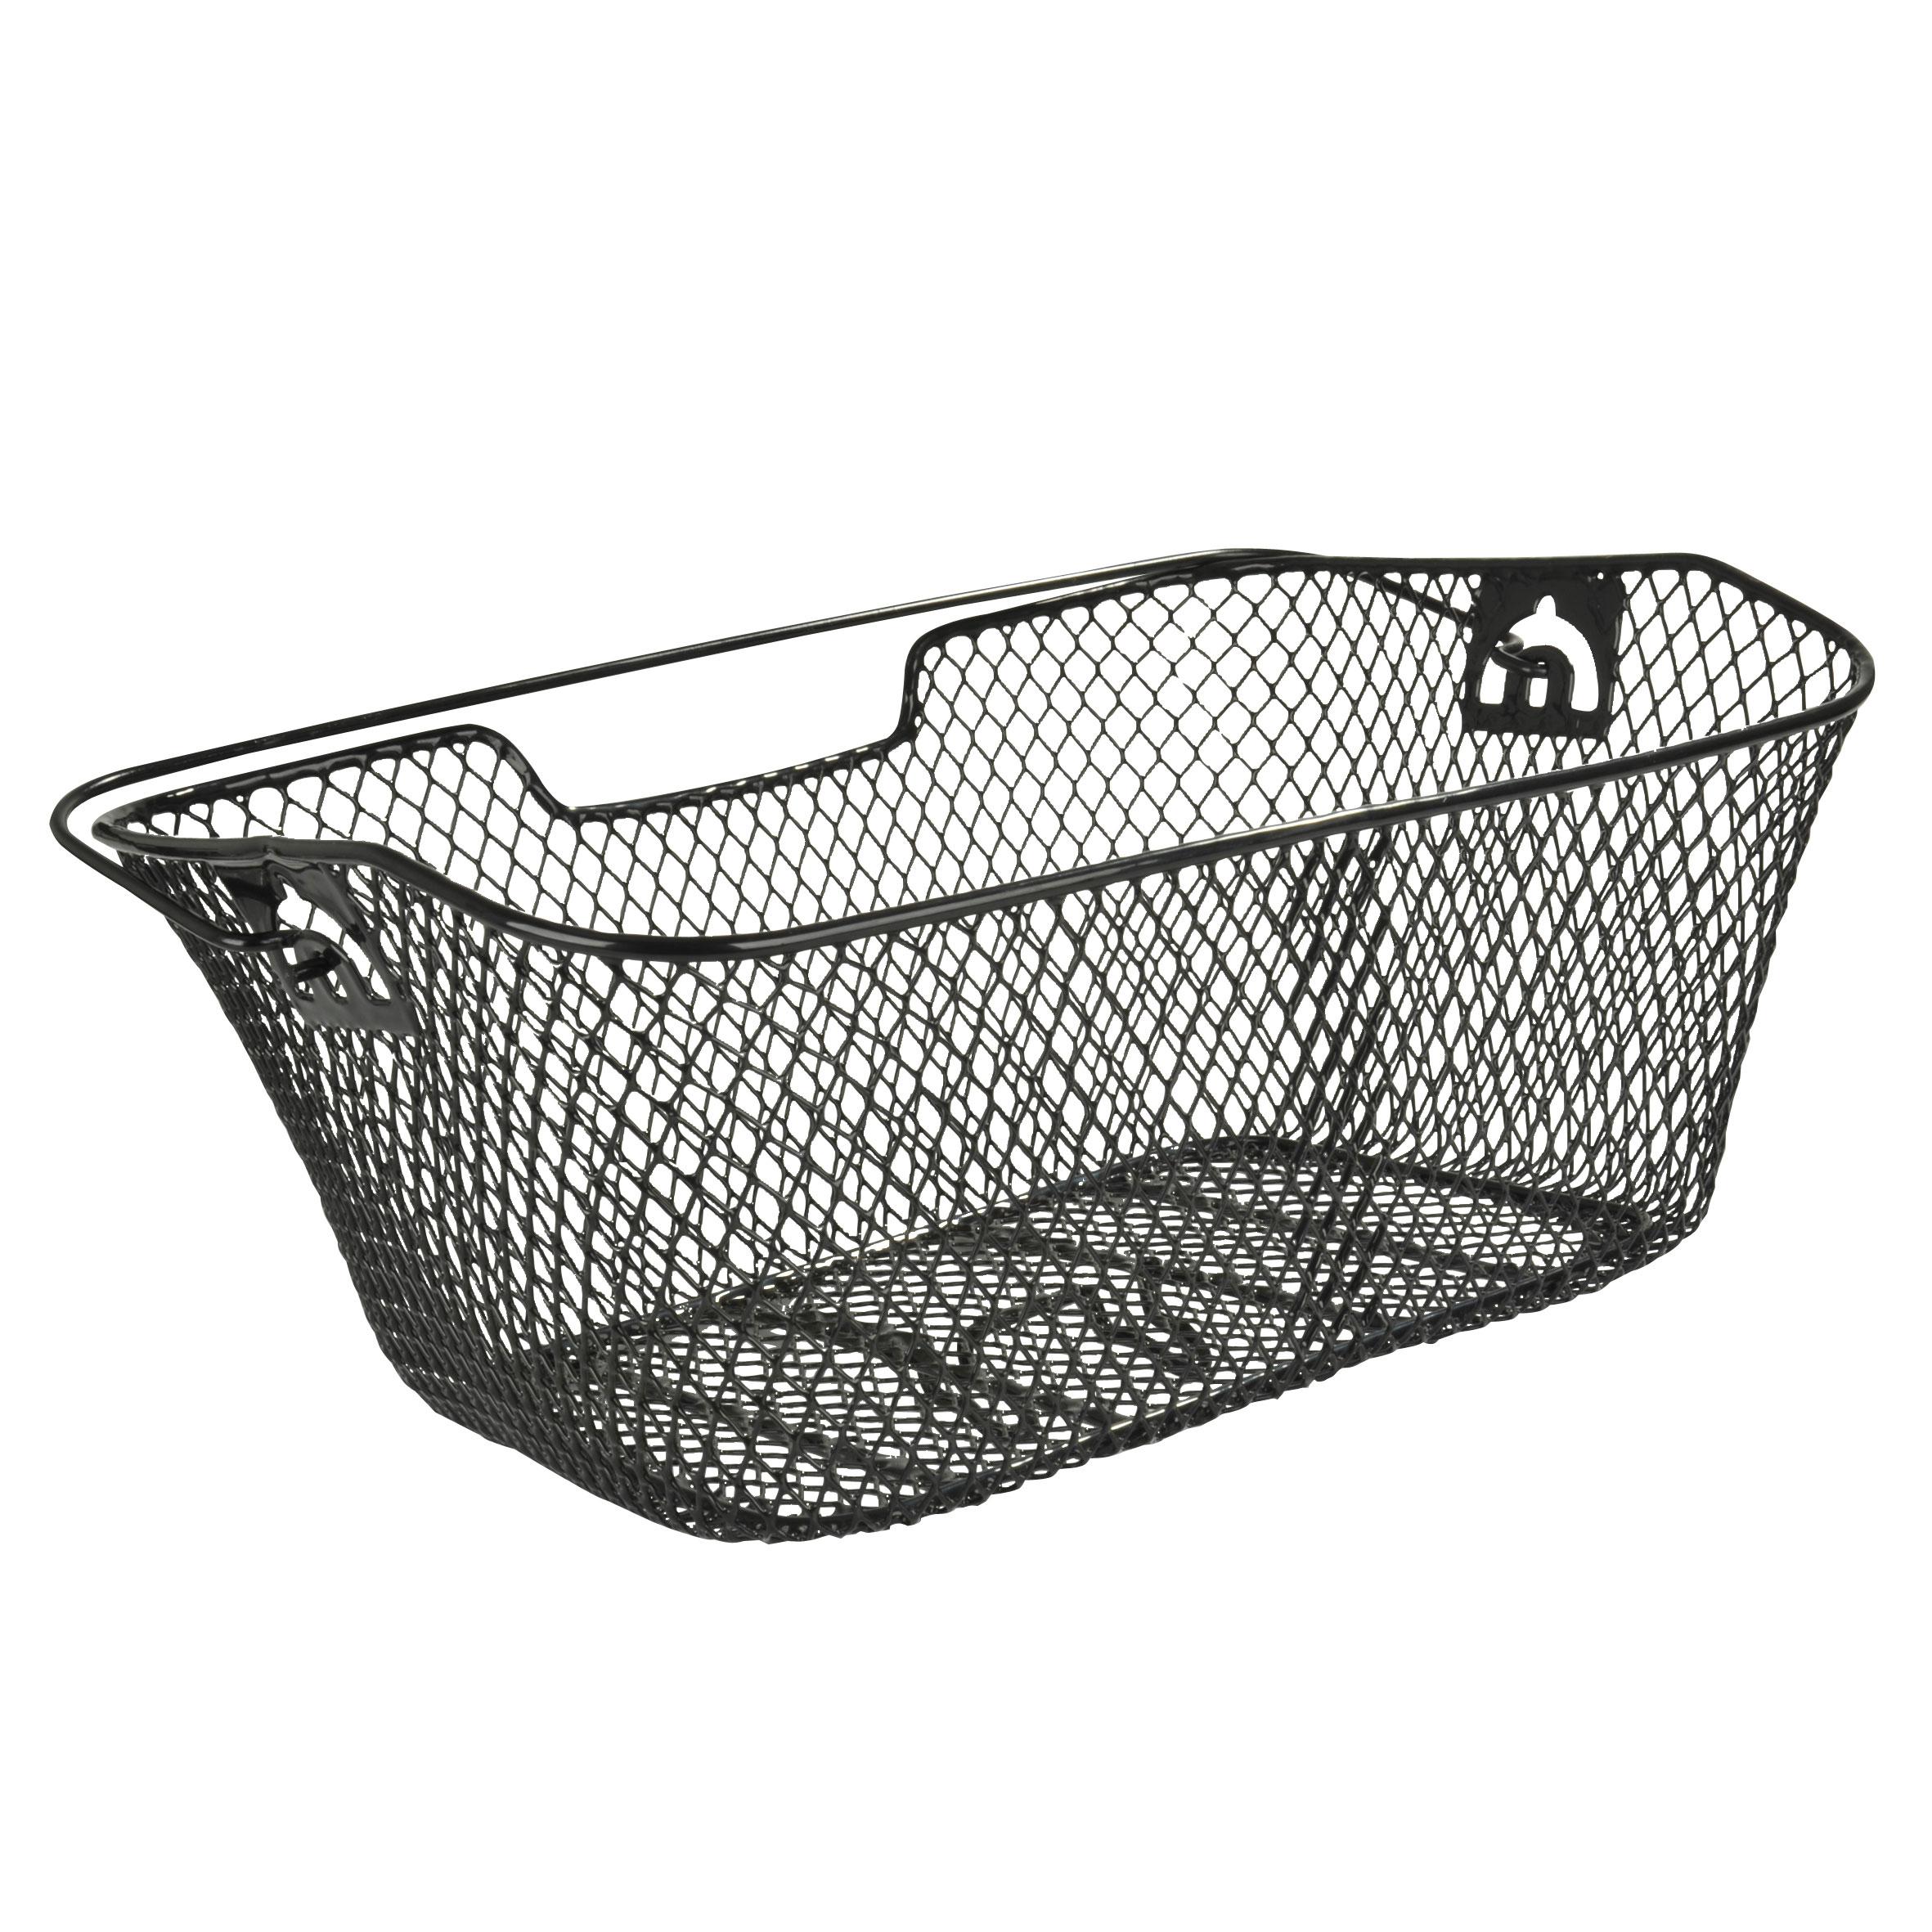 Fischer Fahrradkorb / Korb für Gepäckträger engmaschig schwarz Bild 1